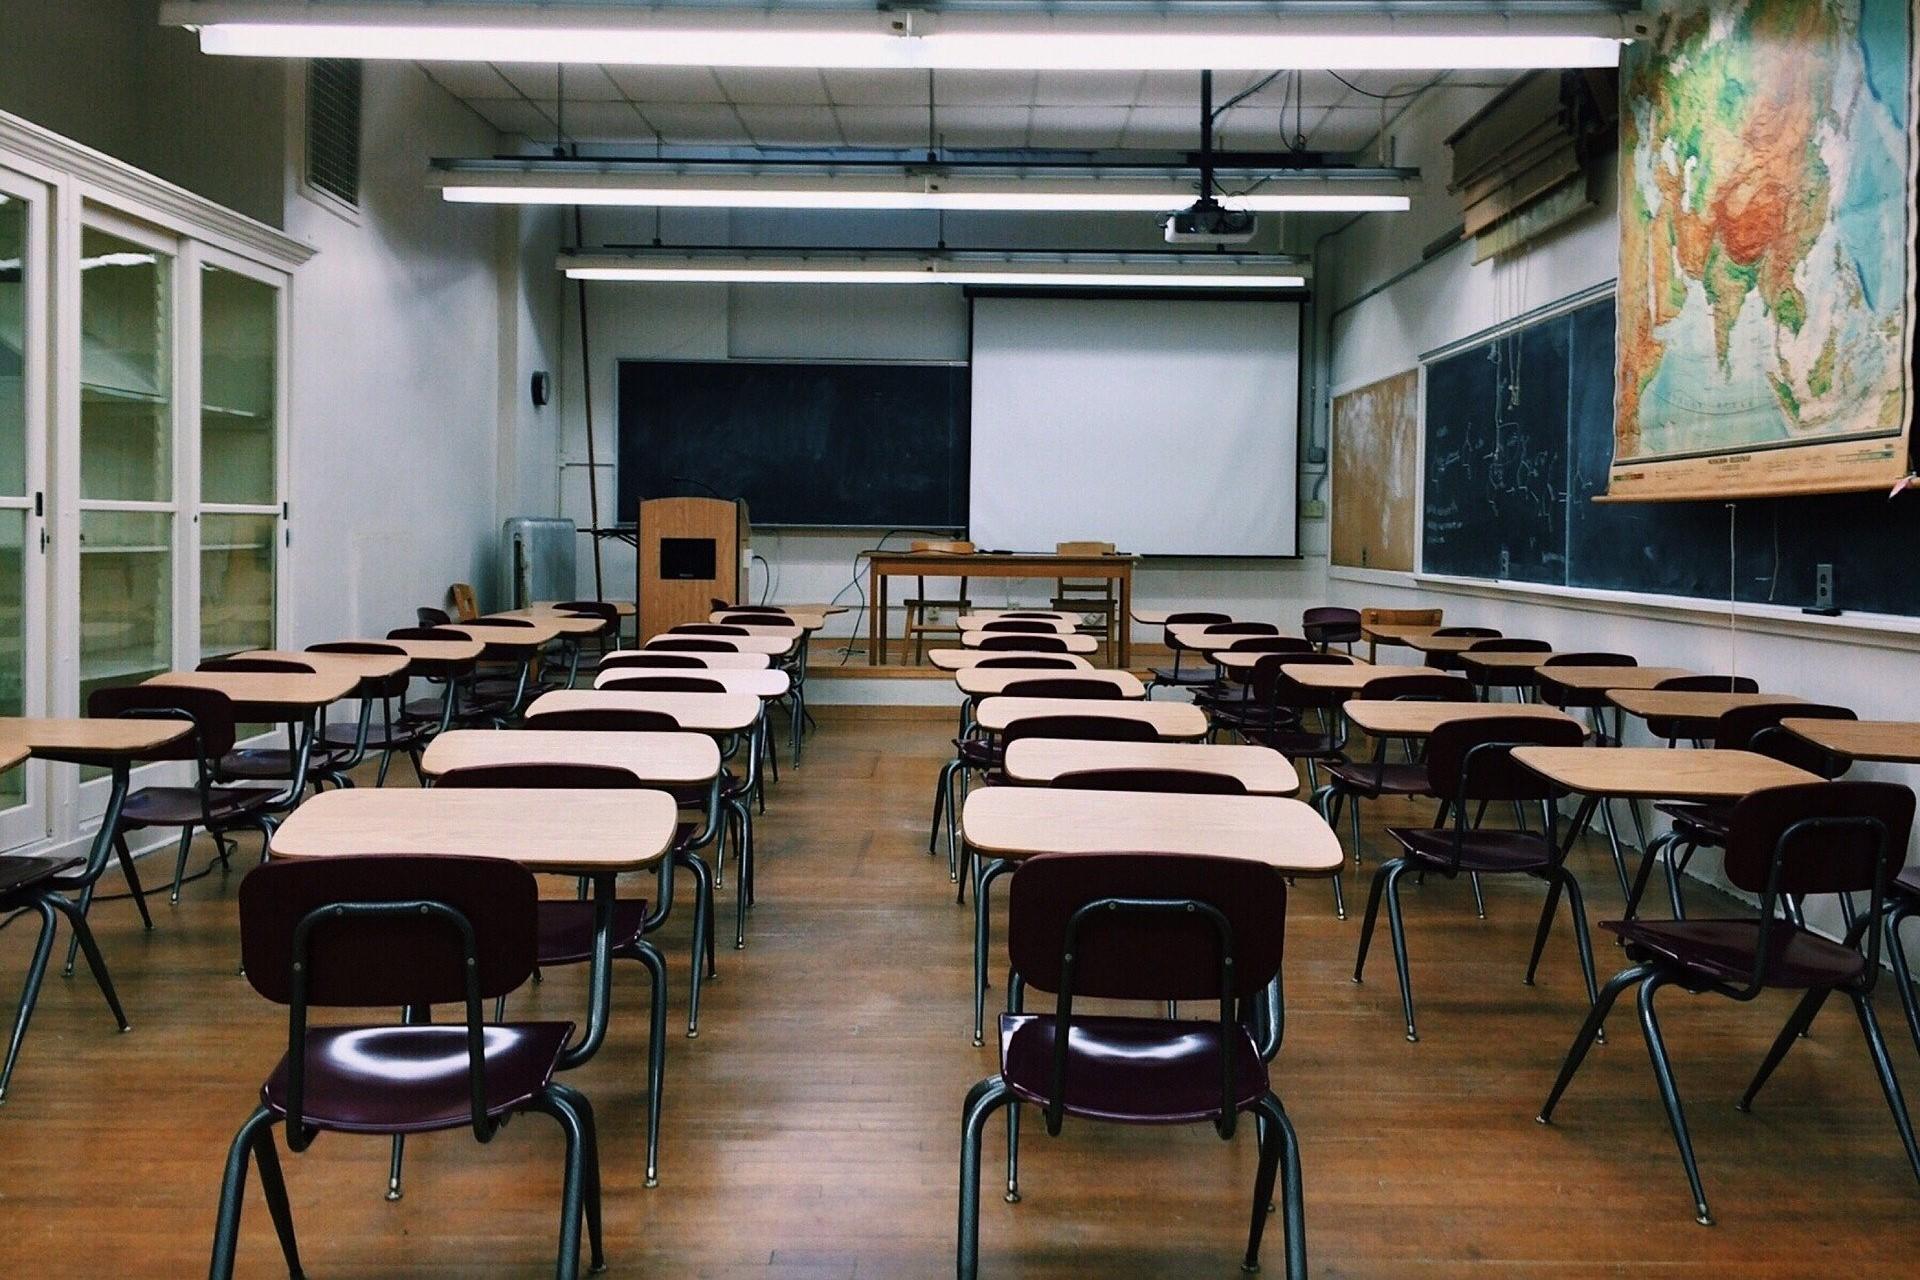 Bild Klassenzimmer, Quelle: Bild von Wokandapix auf Pixabay